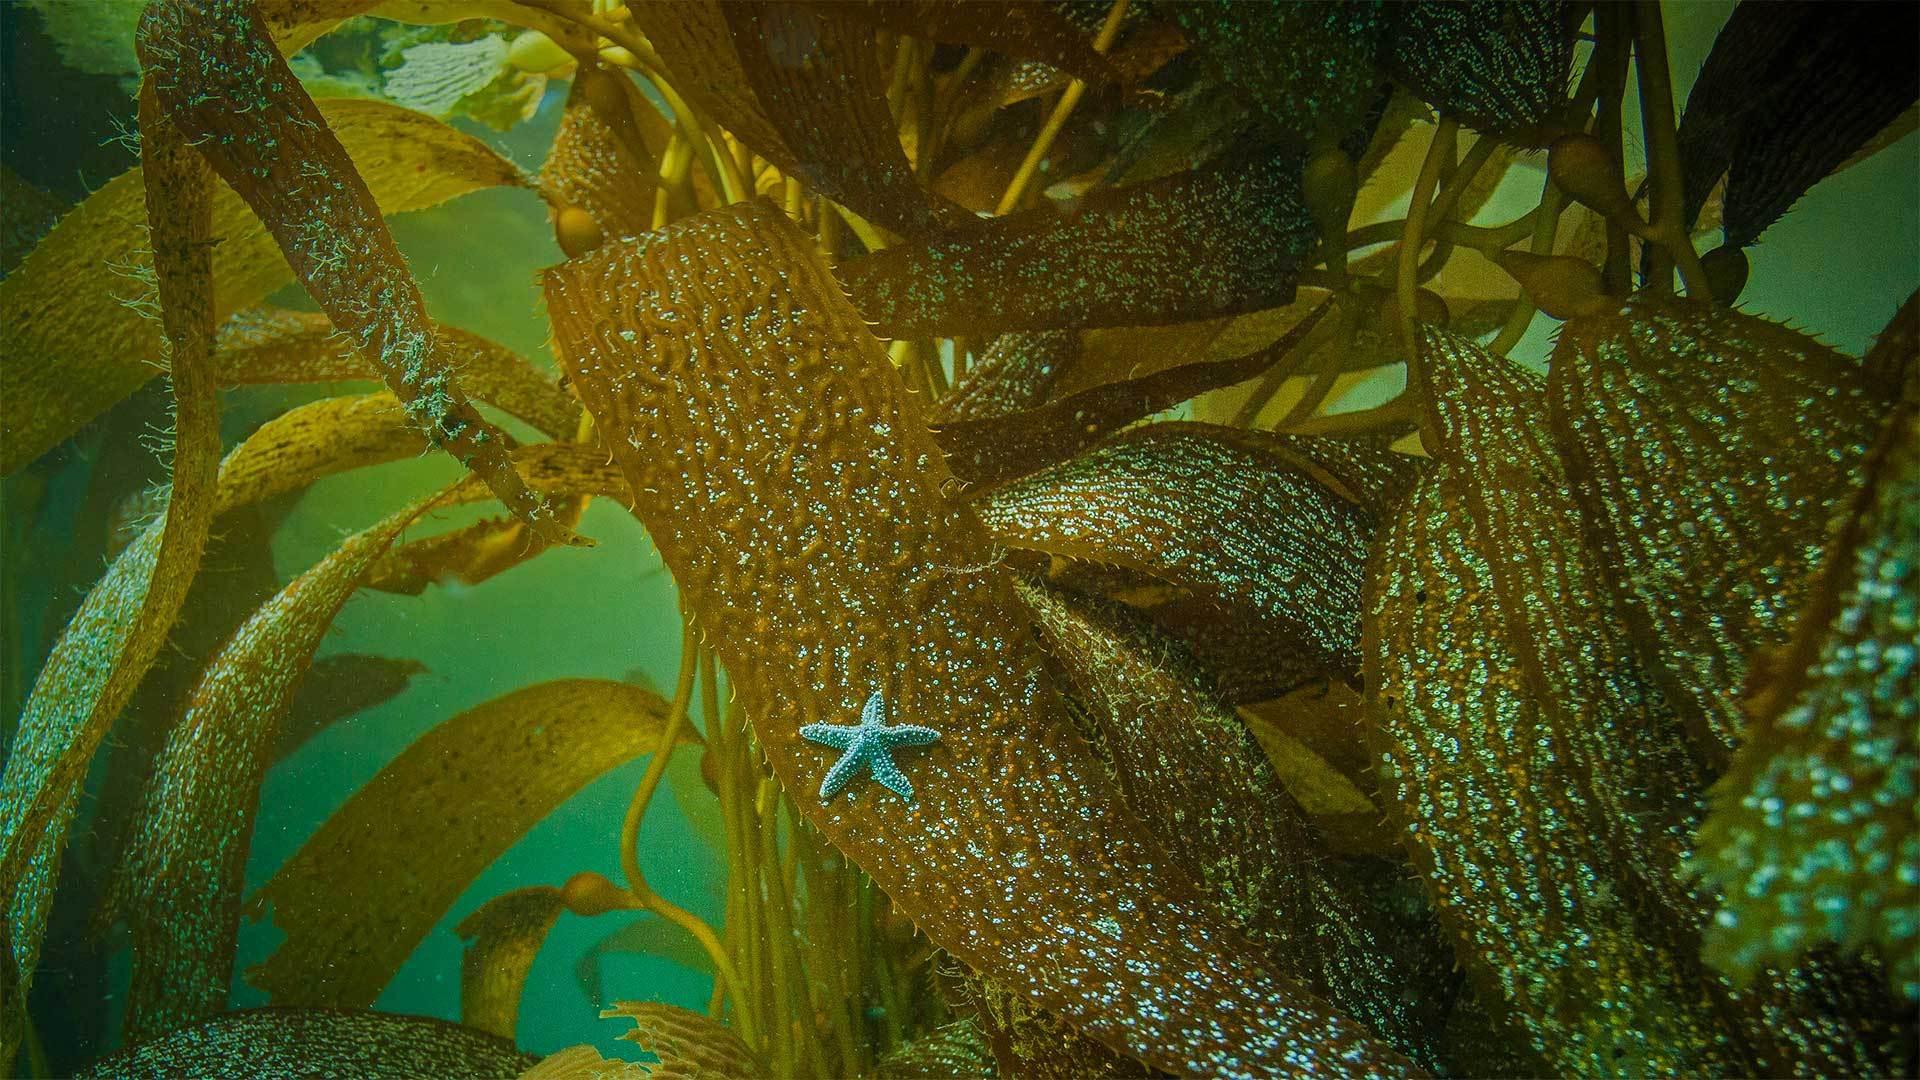 在加州海岸海藻上的赭色海星 海星